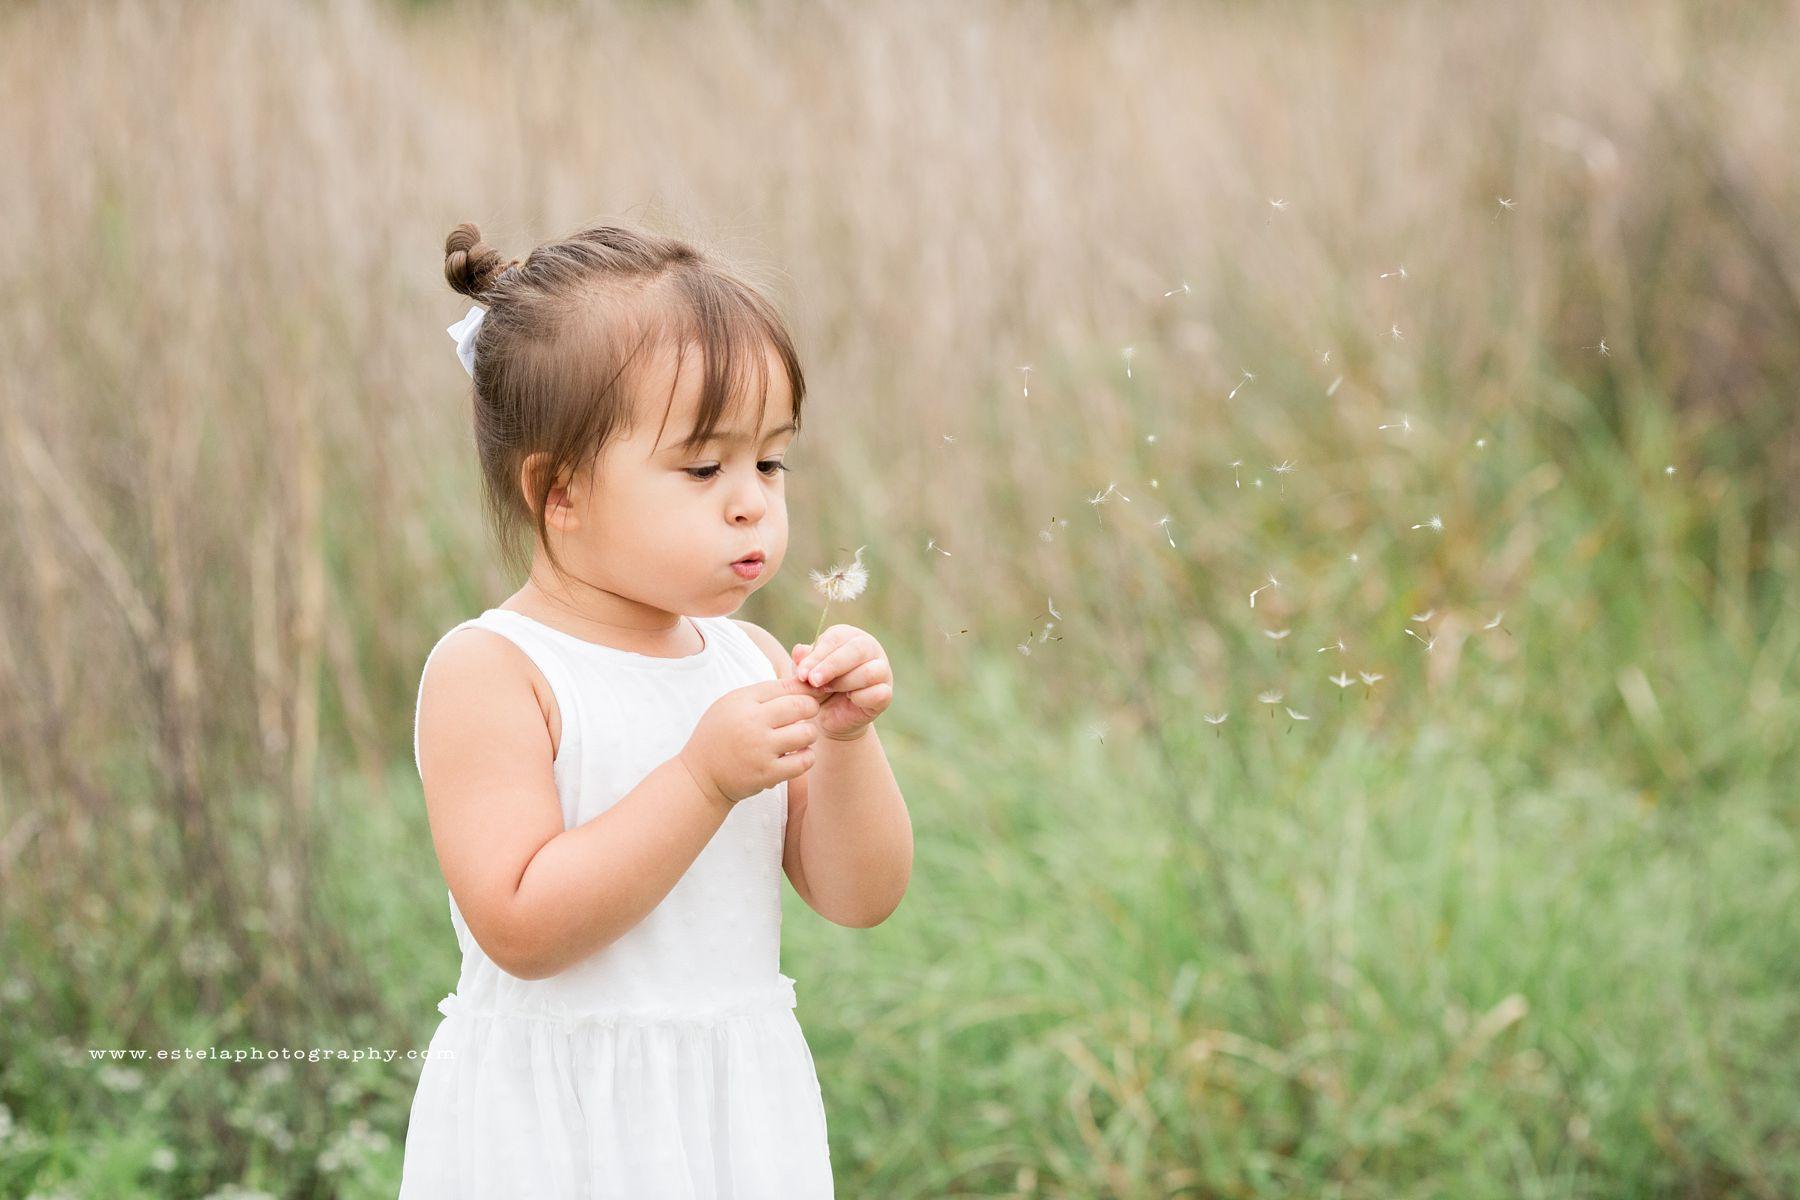 Little child blowing a dandelion